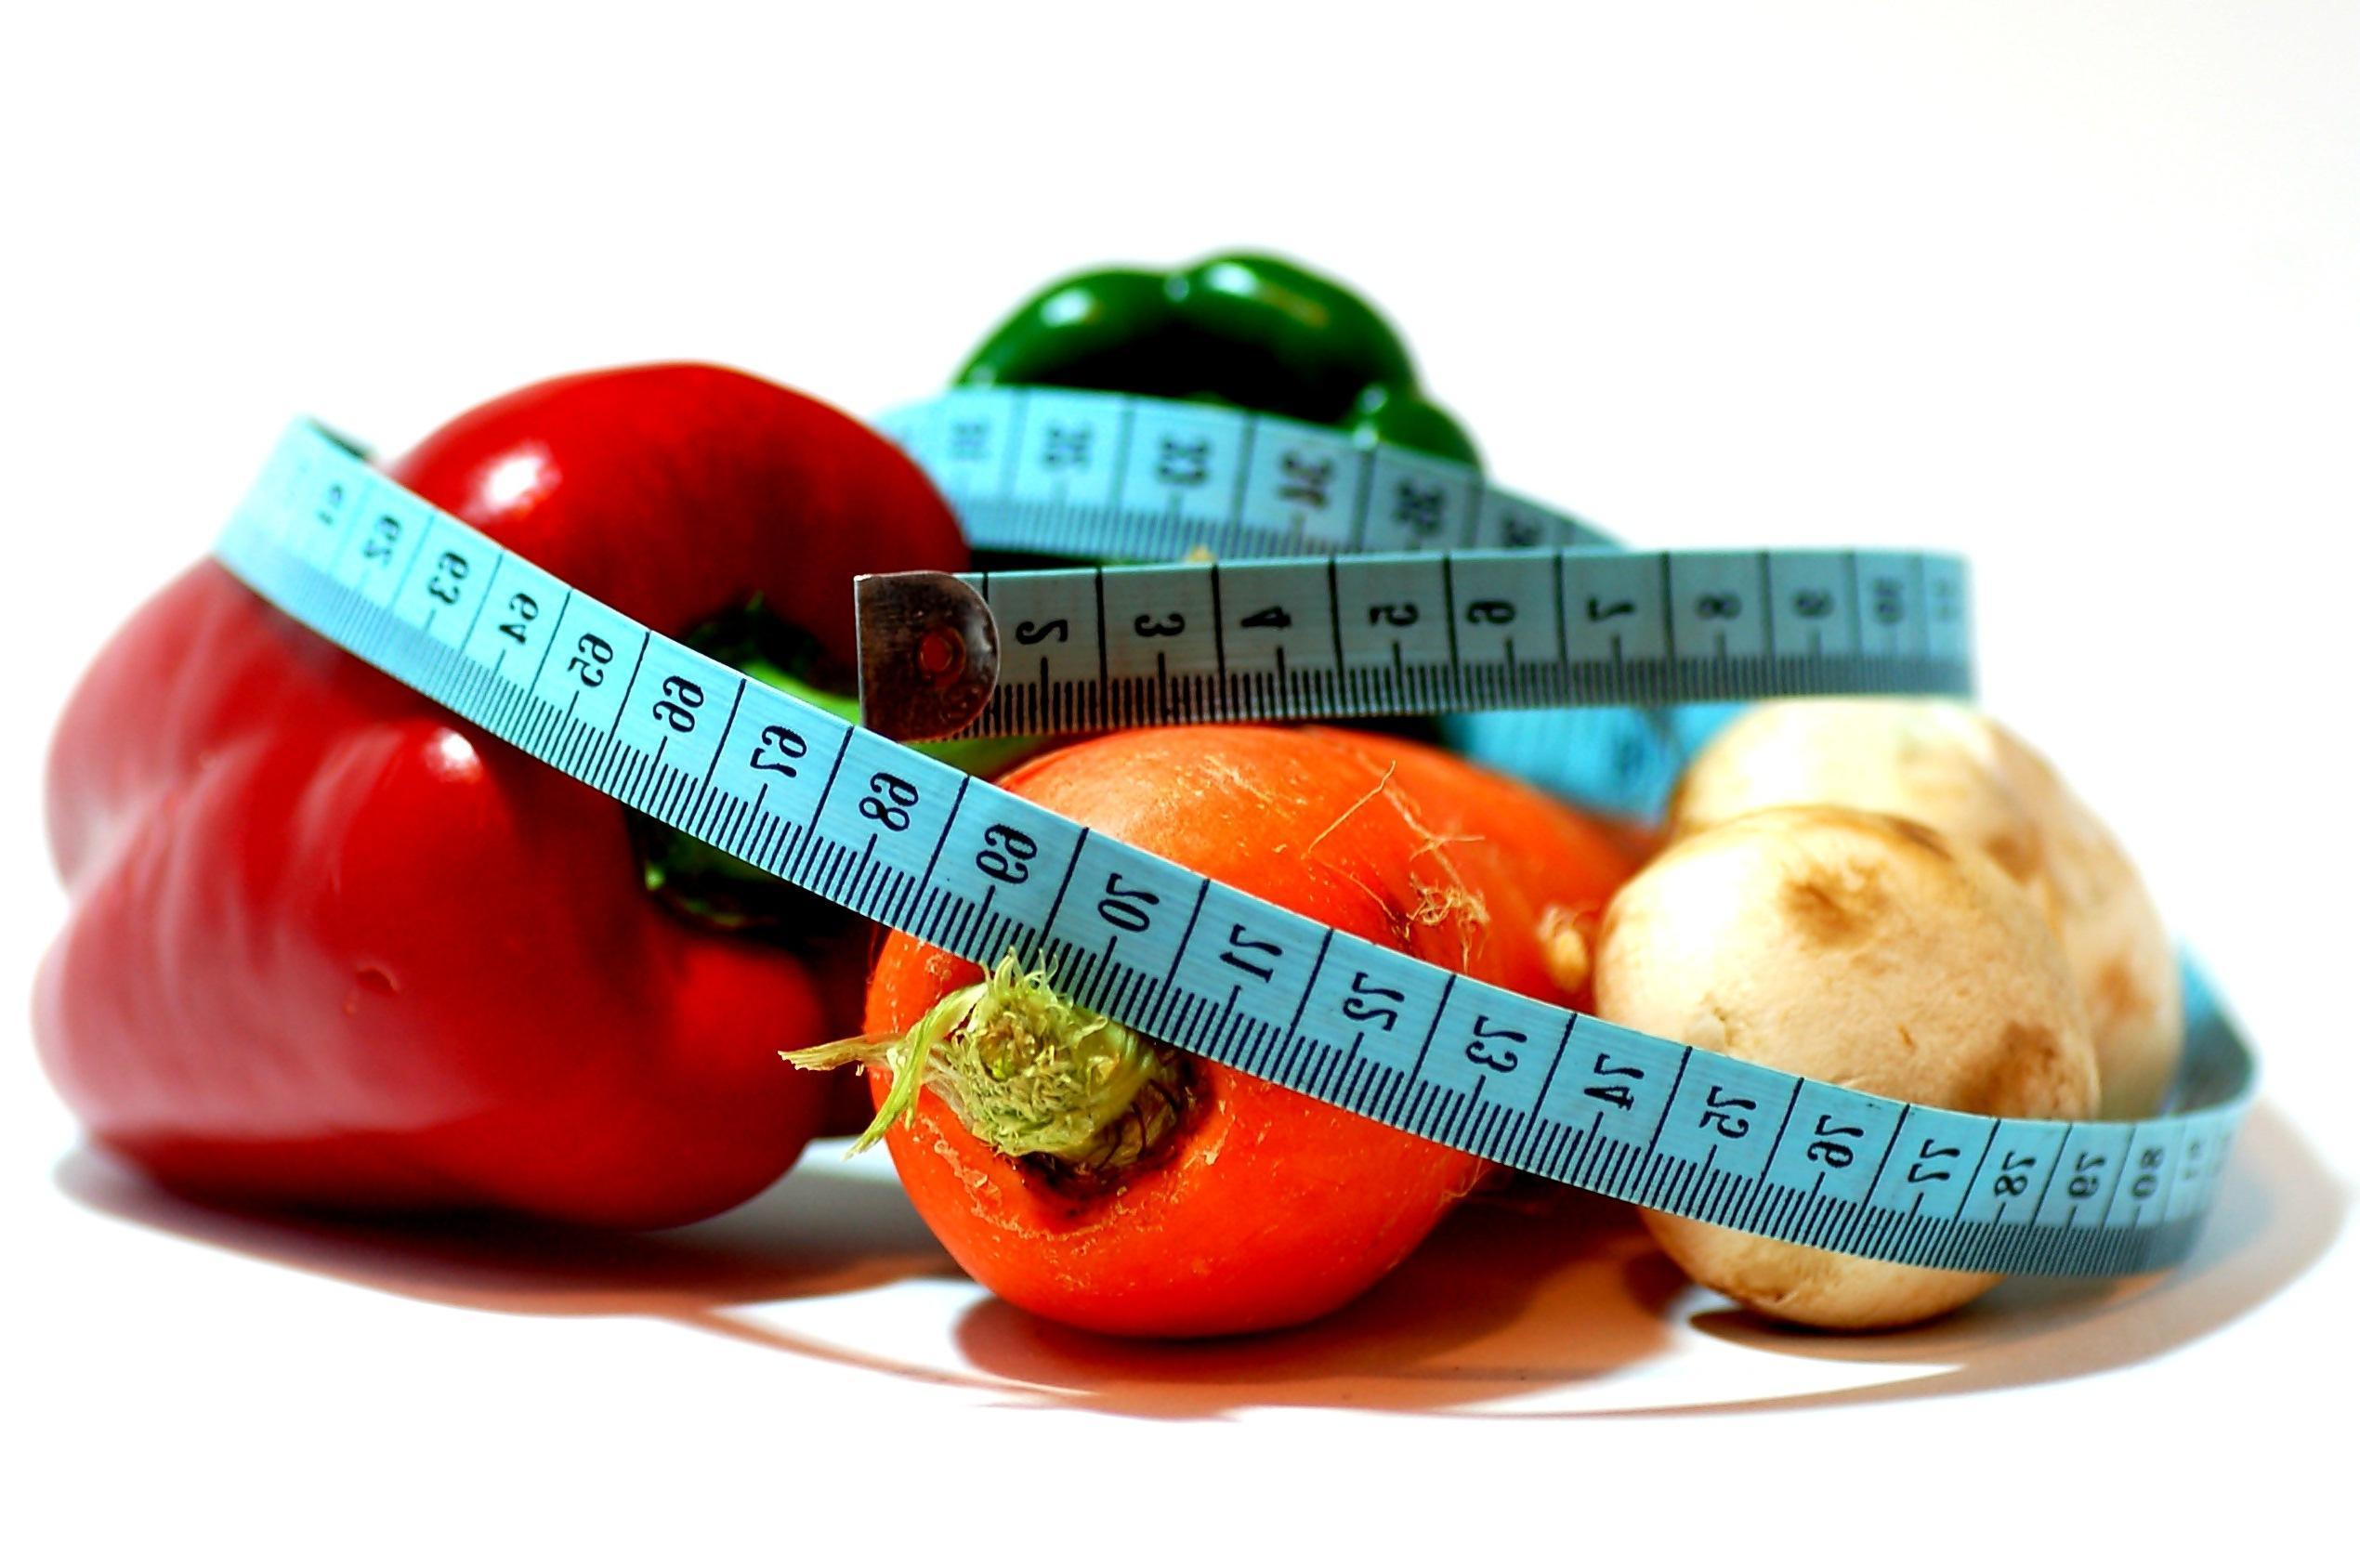 erros-comuns-em-dietas-de-emagrecimento1-739x311.jpg